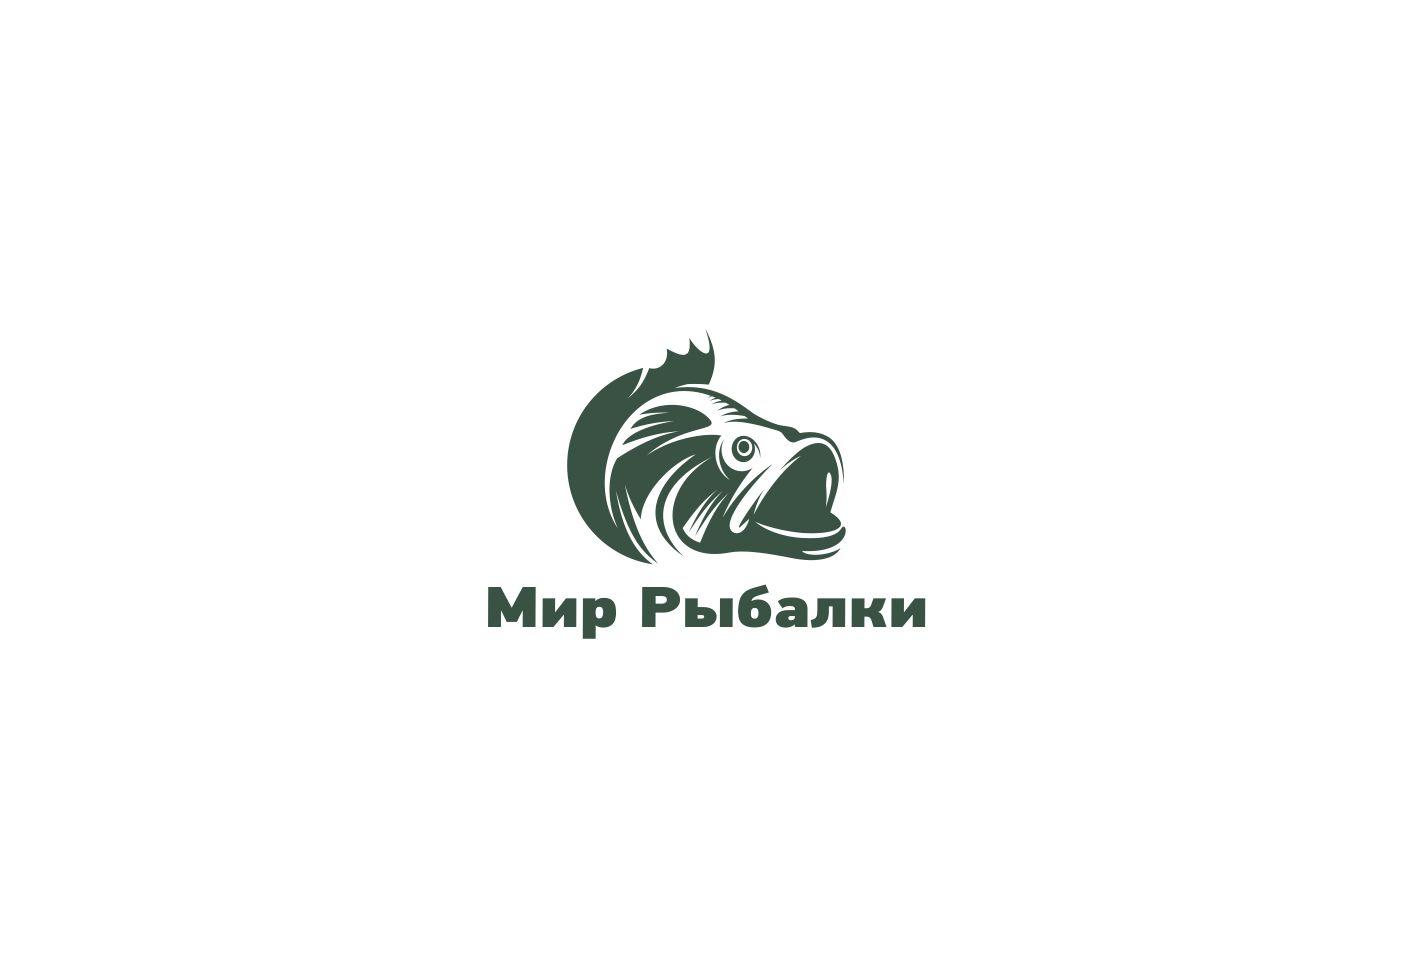 Логотип рыболовного магазина - дизайнер remezlo